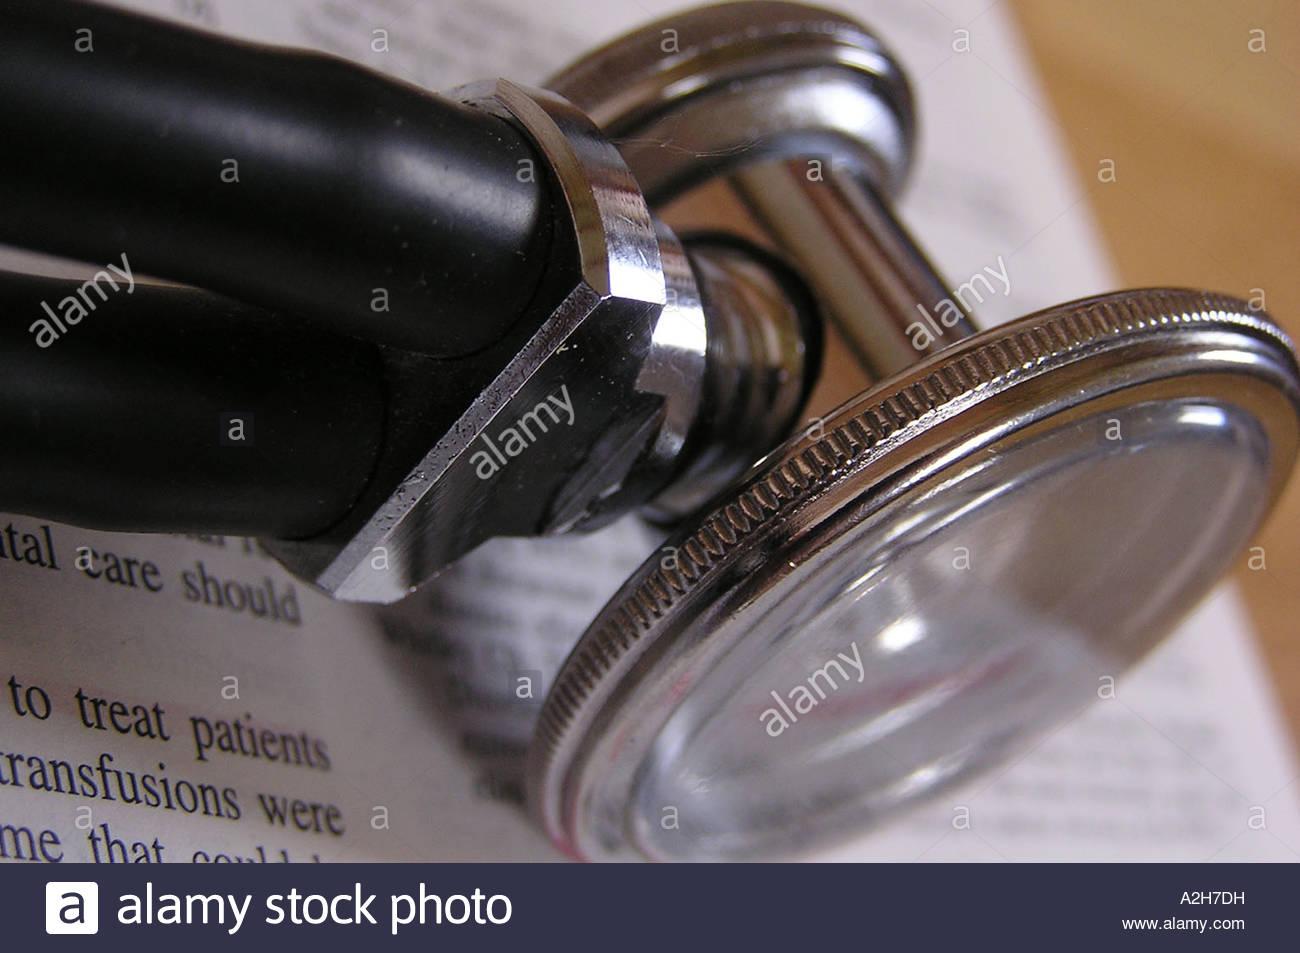 Stethoscope - Stock Image